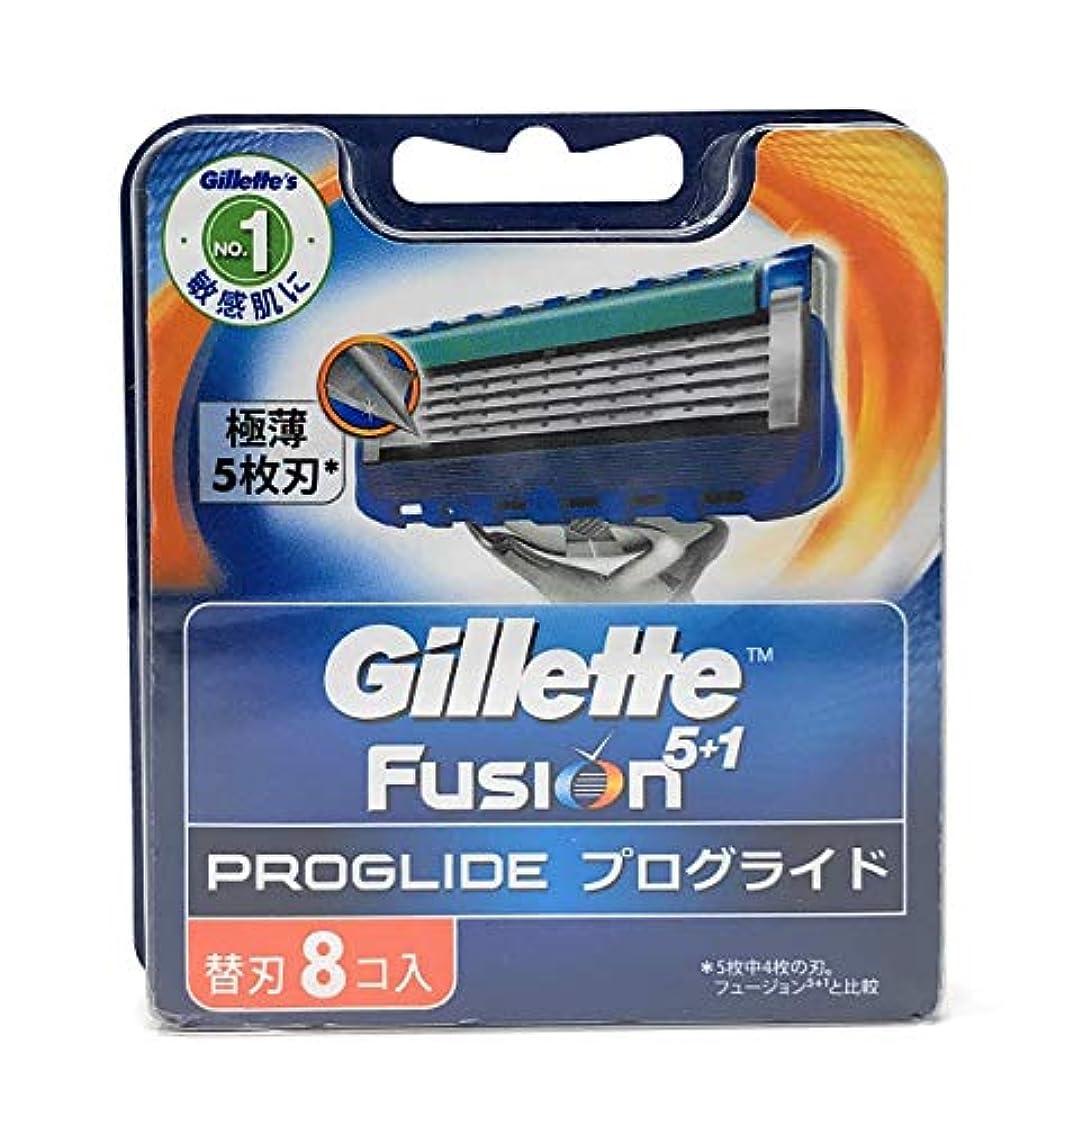 実装する優雅静かに[セット品] ジレット フュージョン5+1 プログライド 替刃 8コ入り × 1P × と SHOWルイボスティー1袋